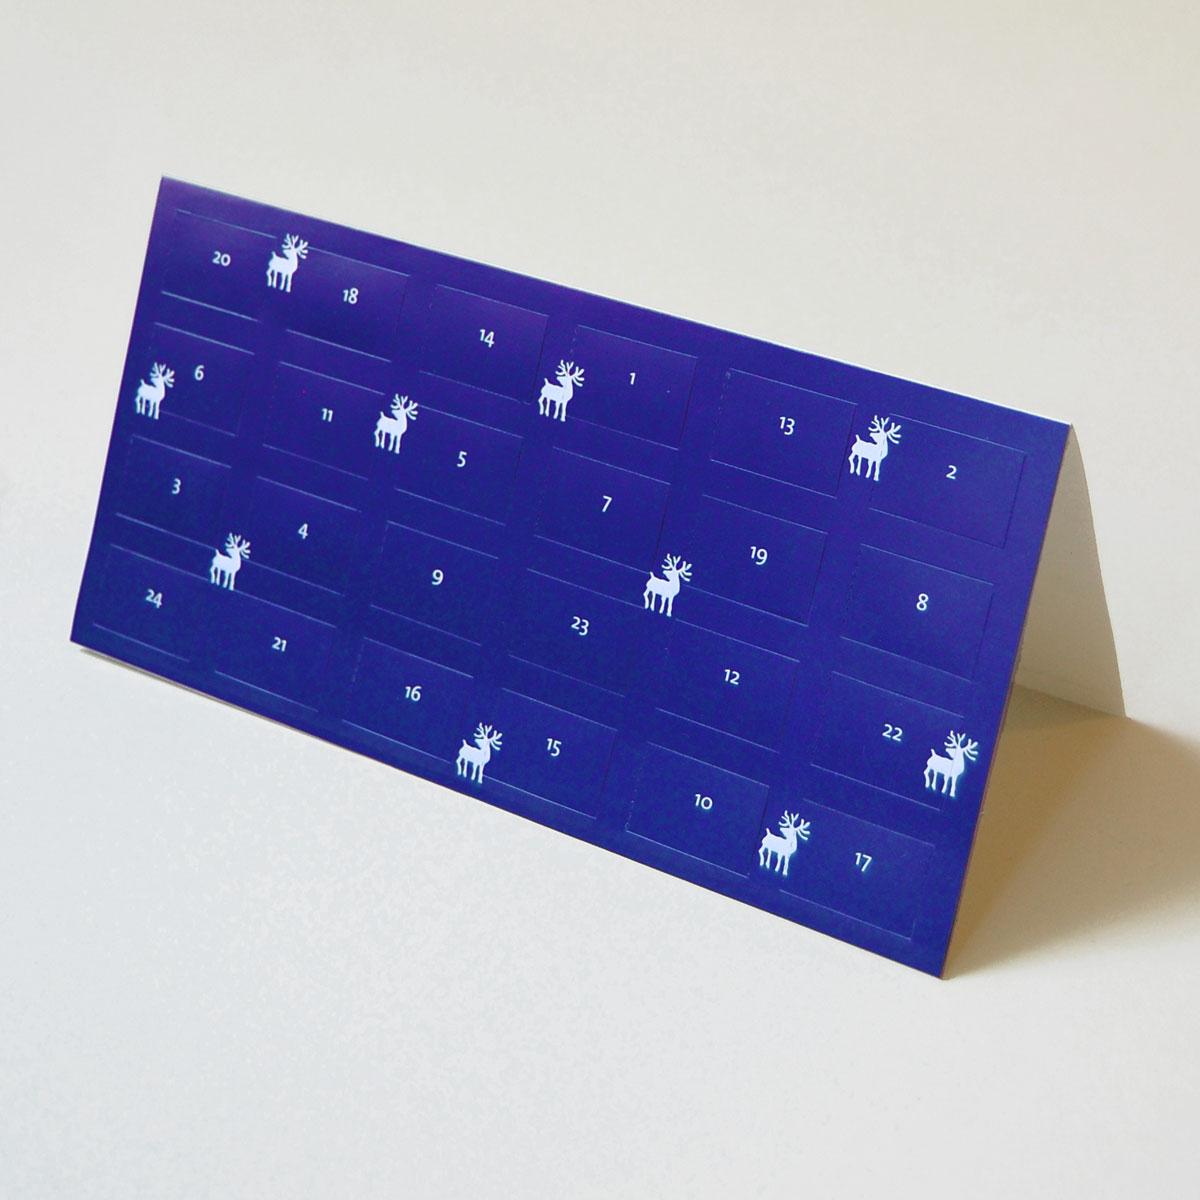 Weihnachtskalender Verschicken.Blaue Weihnachtskalender Zum Verschicken Adventskalender Mit 24